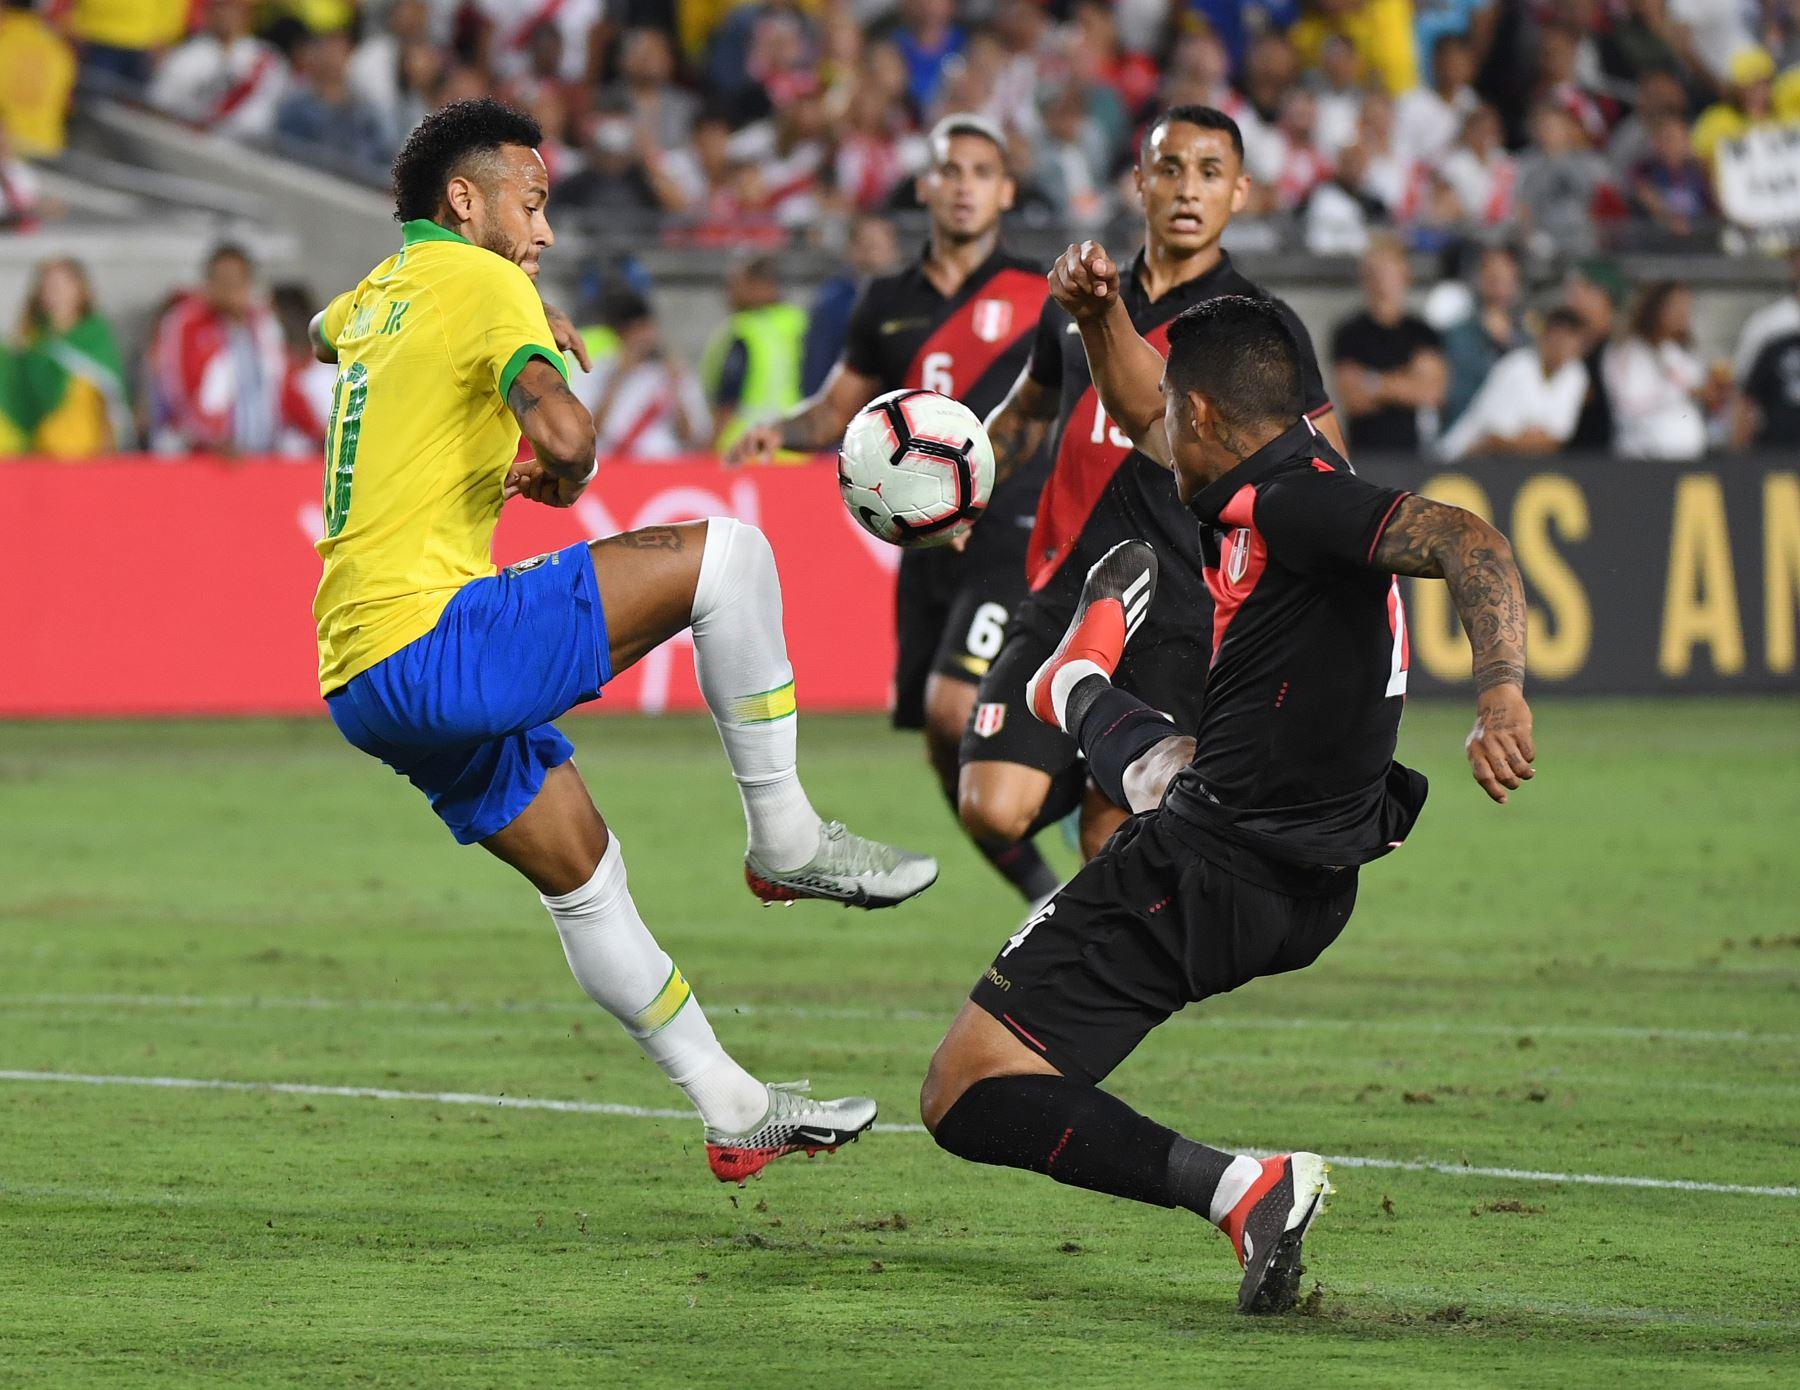 Neymar de Brasil (L) controla el balón durante el partido de fútbol amistoso internacional entre Brasil y Perú en el Los Angeles Memorial Coliseum, en Los Ángeles, California, el 10 de septiembre de 2019. - Perú ganó 1-0. AFP